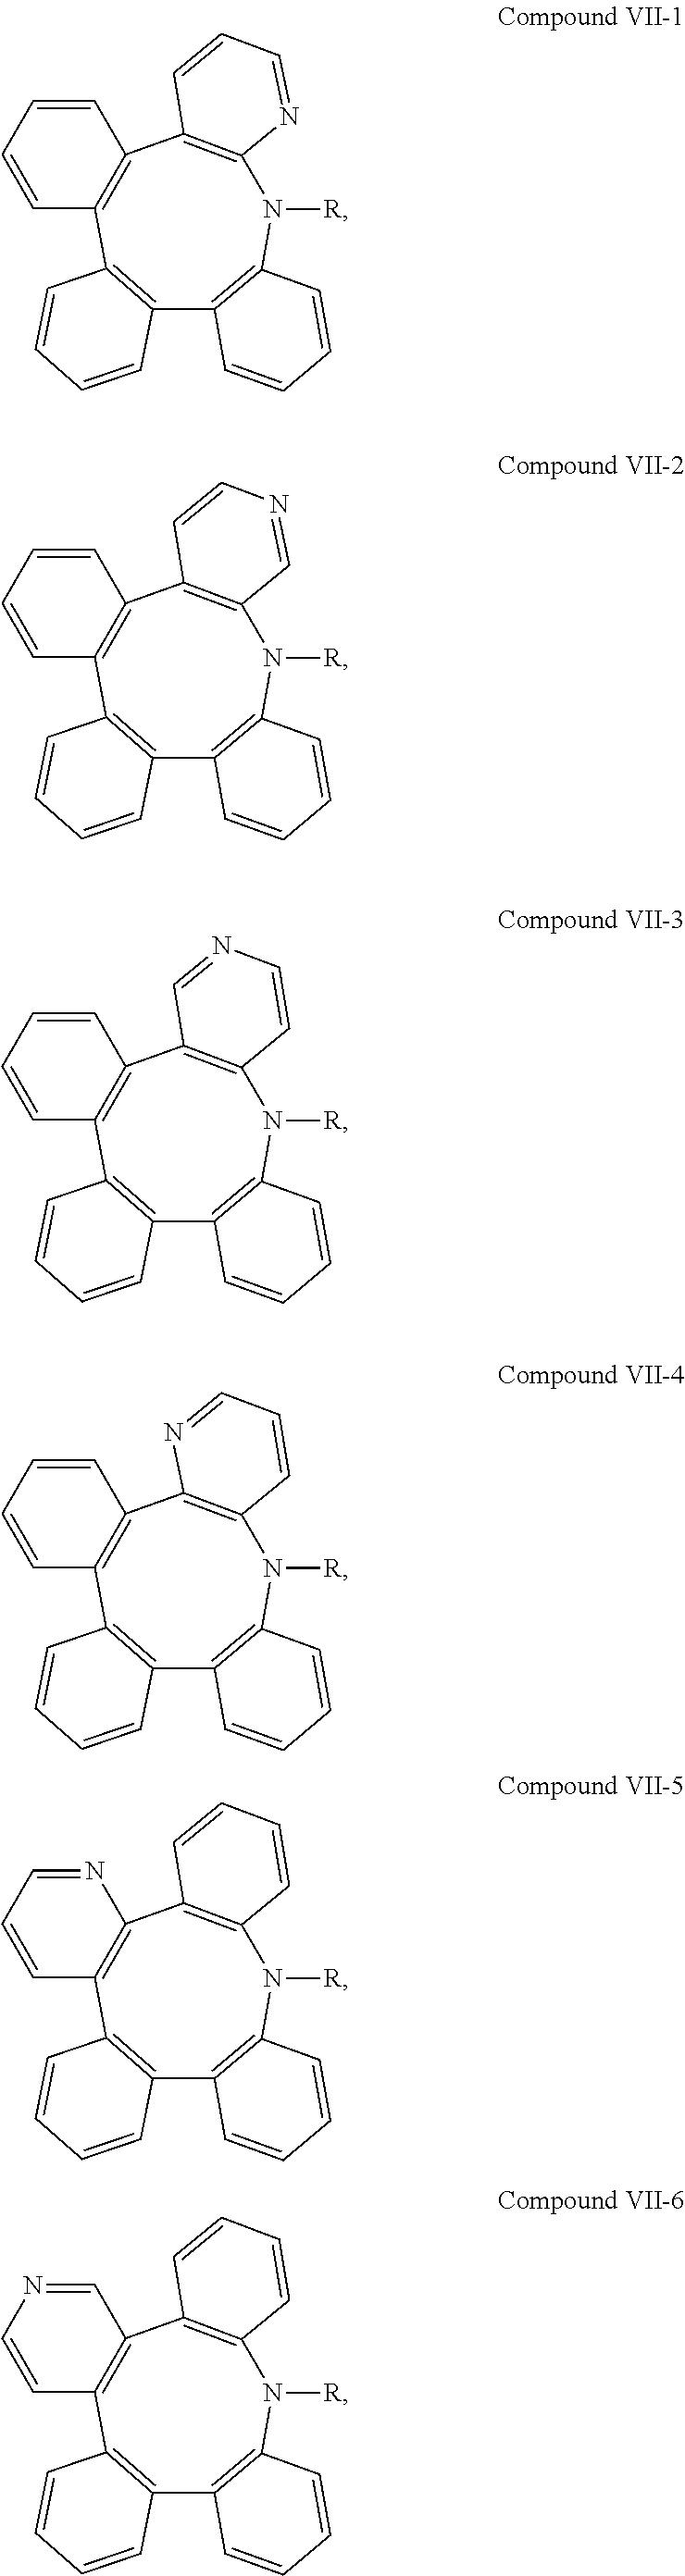 Figure US09978956-20180522-C00029